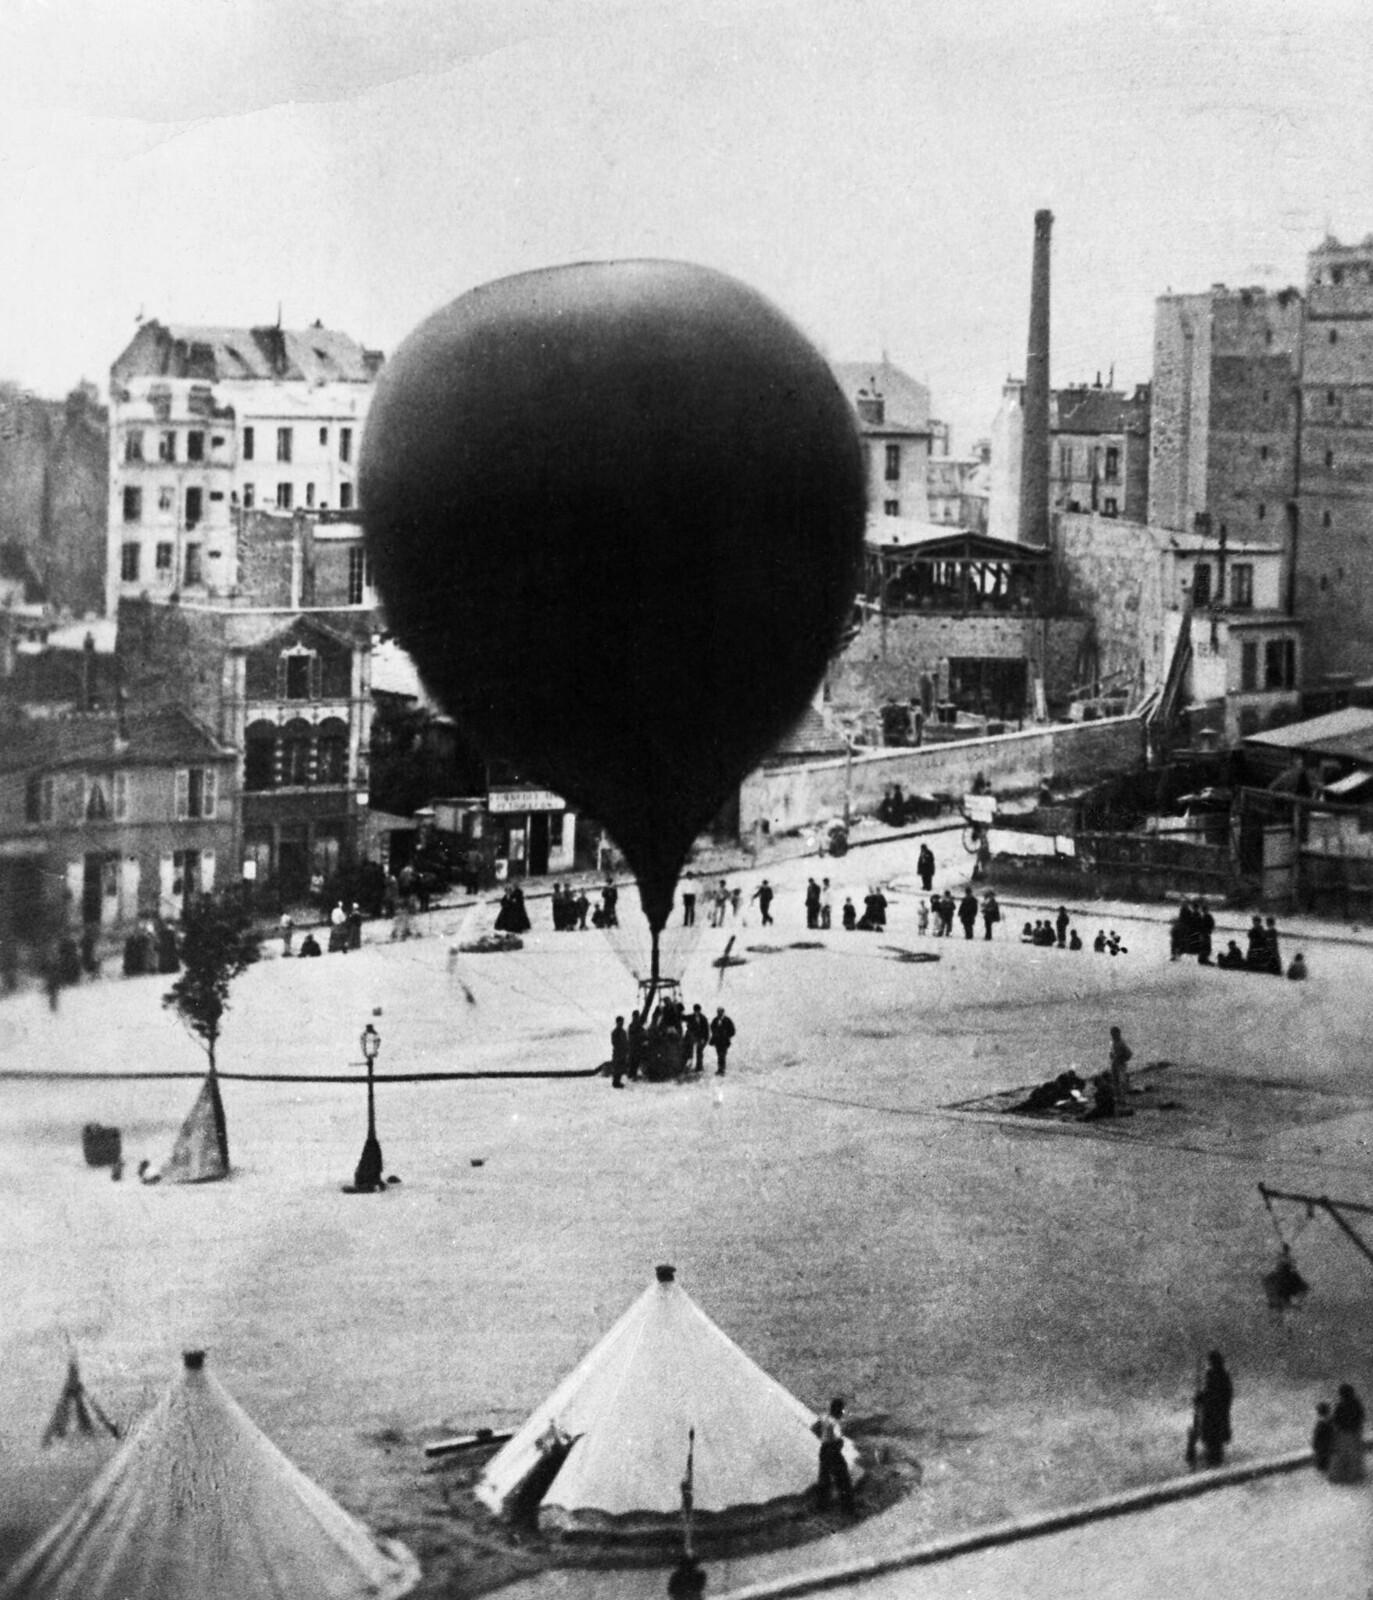 03. 1870. Воздушный шар на котором  Леон Гамбетта сбежал из Парижа, чтобы организовать сопротивление вторжению пруссаков во время франко-прусской войны,